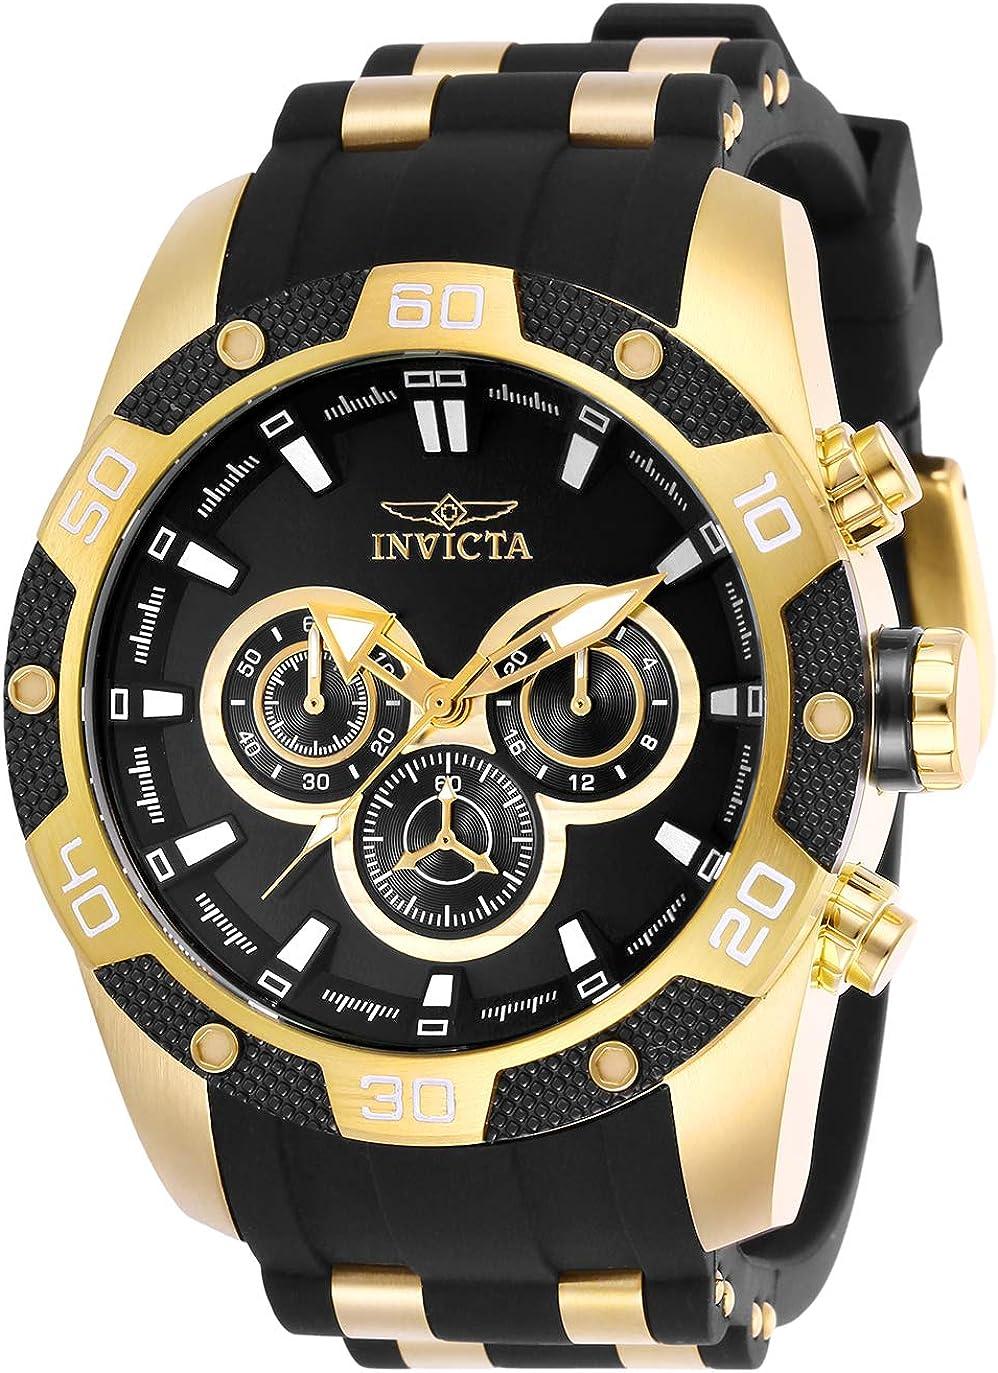 Invicta Men s Speedway Quartz Watch with Stainless Steel Strap, Black, 26 Model 25835